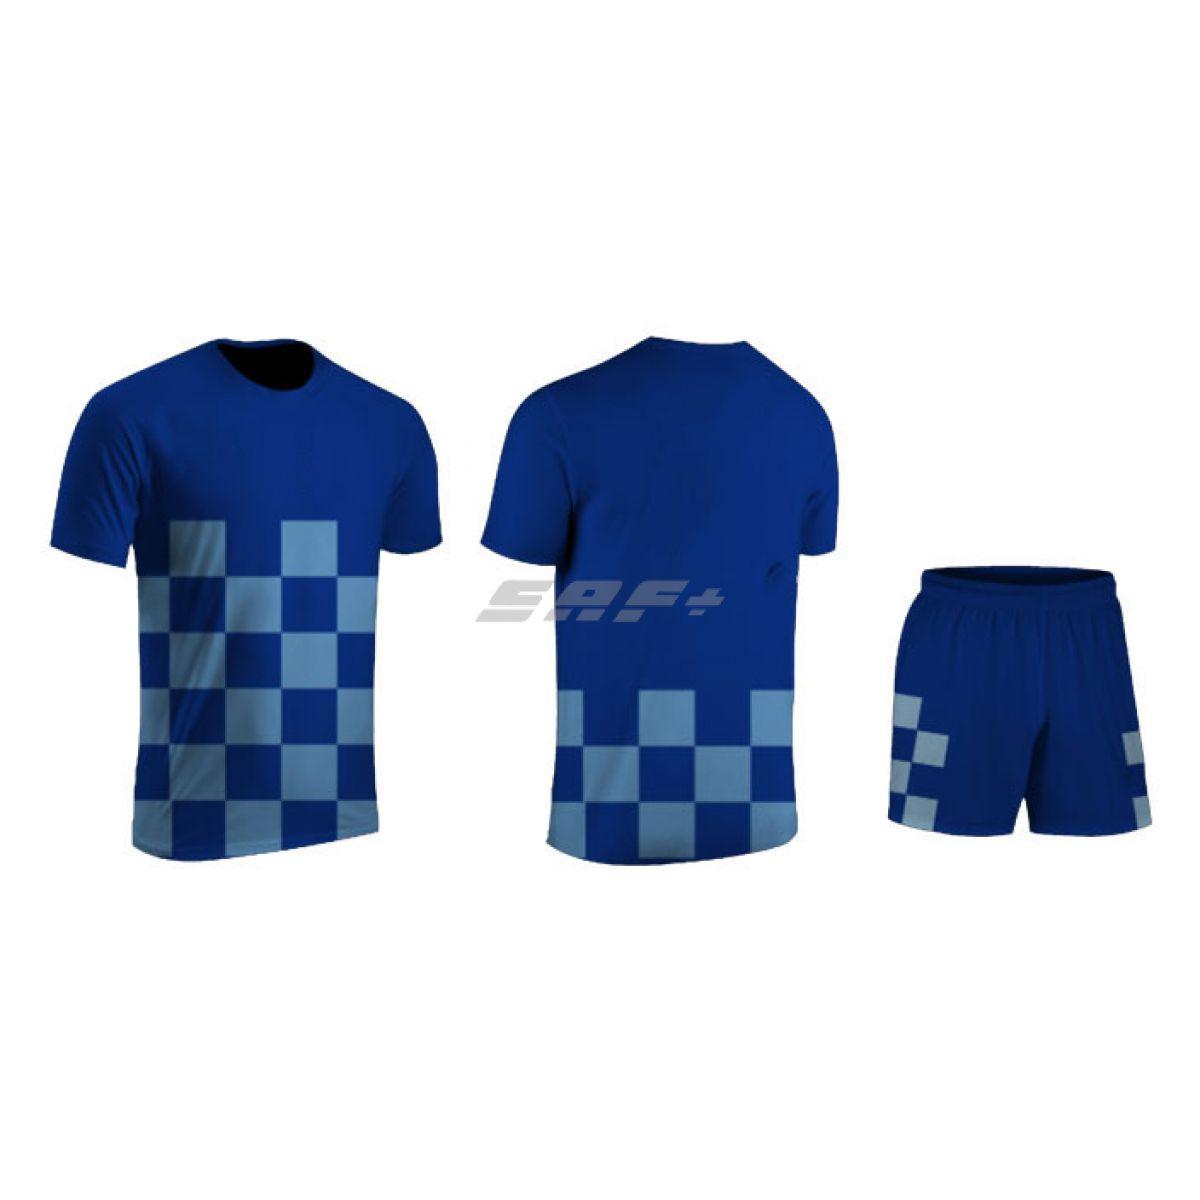 S.A.F. - футбольная форма и спортивная экипировка высокого качества. 74bb68e14a9